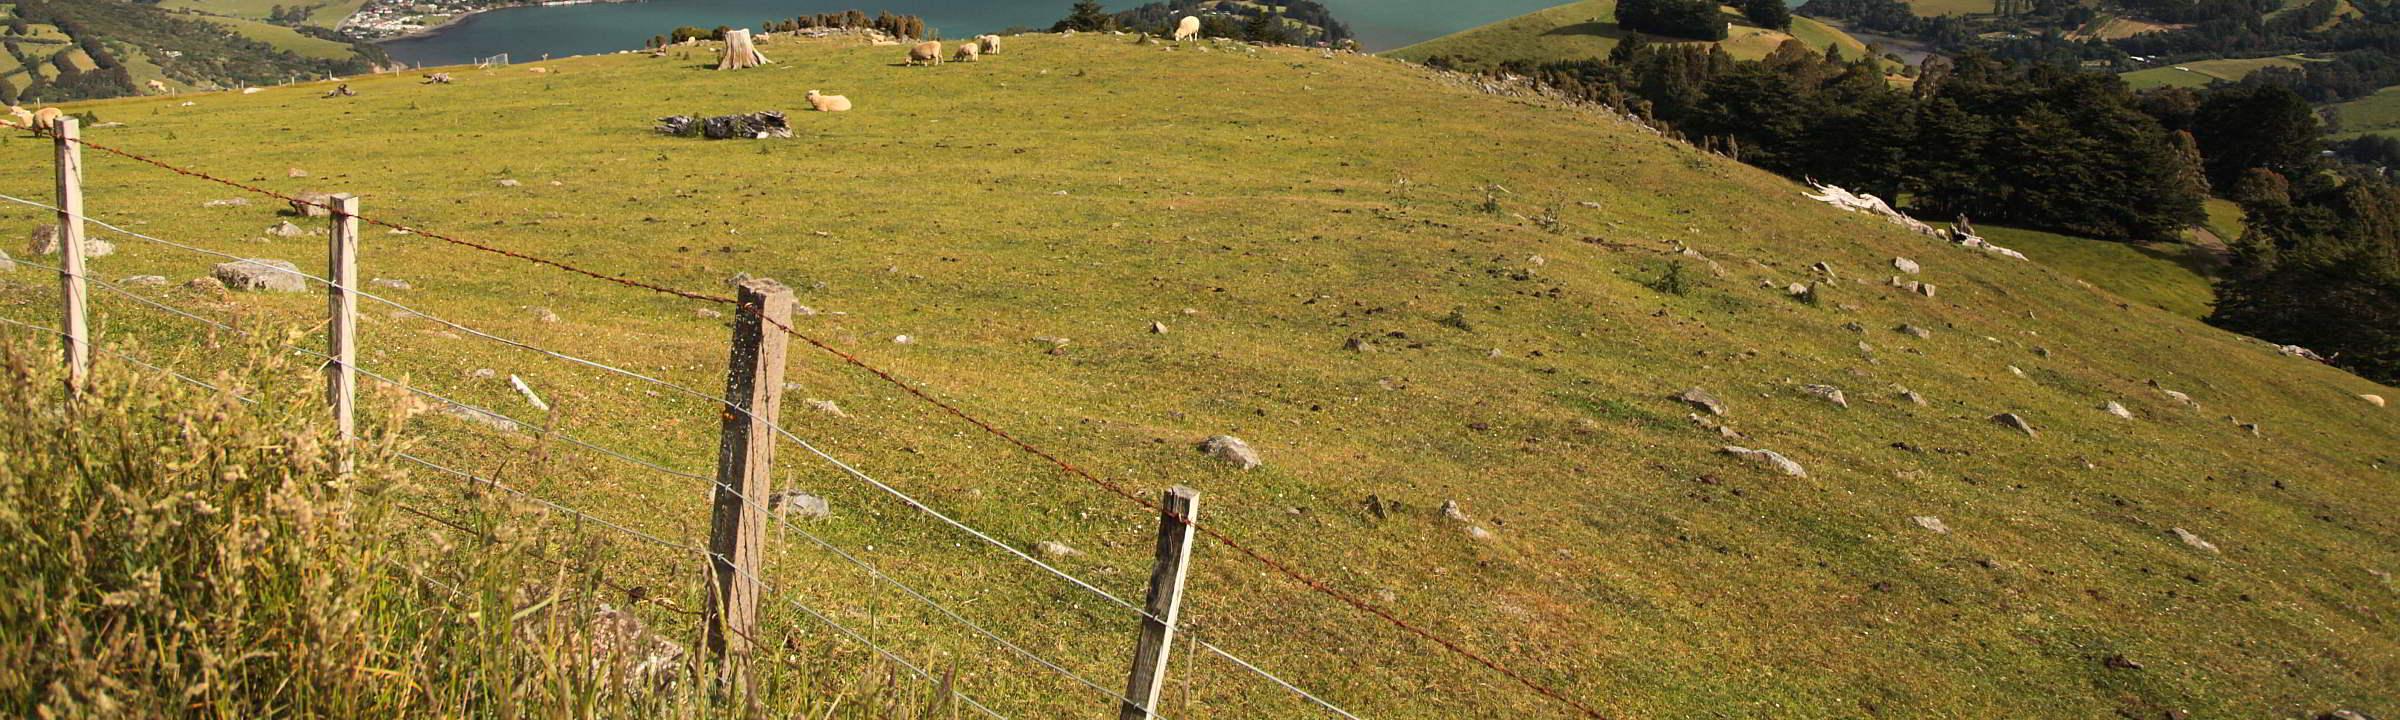 Zaun mit Schafen auf Aoterao Neuseeland